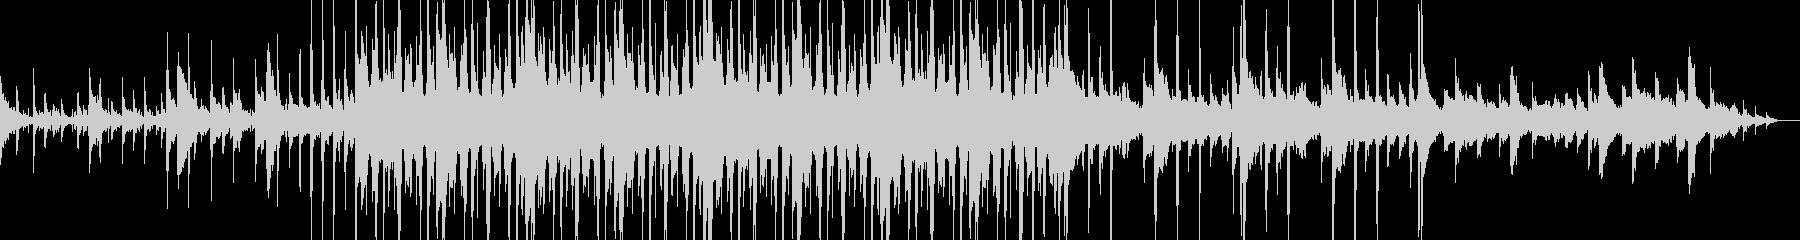 Lo-Fiで悲しげなジャズホップの未再生の波形